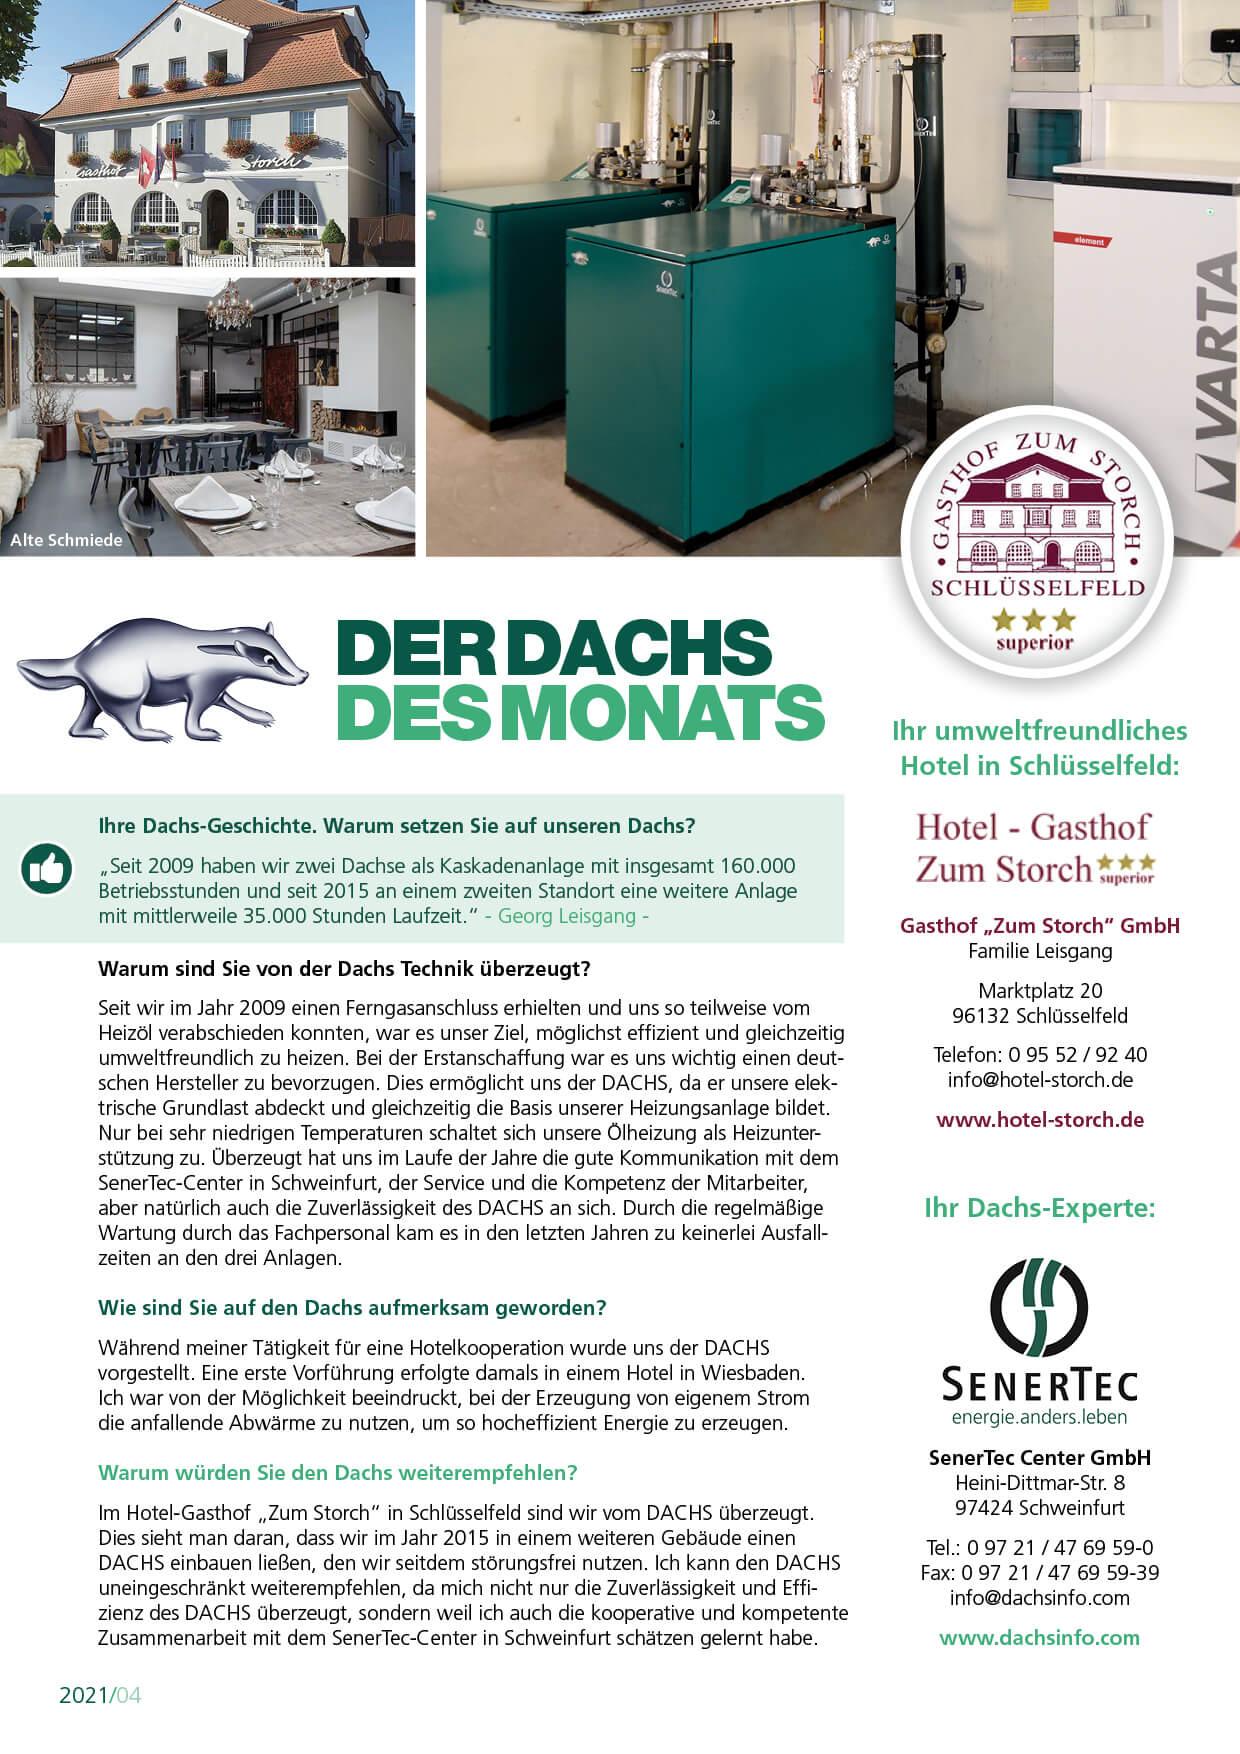 """Im Hotel-Gasthof """"Zum Storch"""" in Schlüsselfeld setzt man schon seit vielen Jahren auf effiziente und umweltfreundliche Energieerzeugung mit dem Dachs. Die Familie Leisgang wurde dafür nun vom SenerTec Center Schweinfurt als """"Dachs des Monats"""" ausgezeichnet!"""